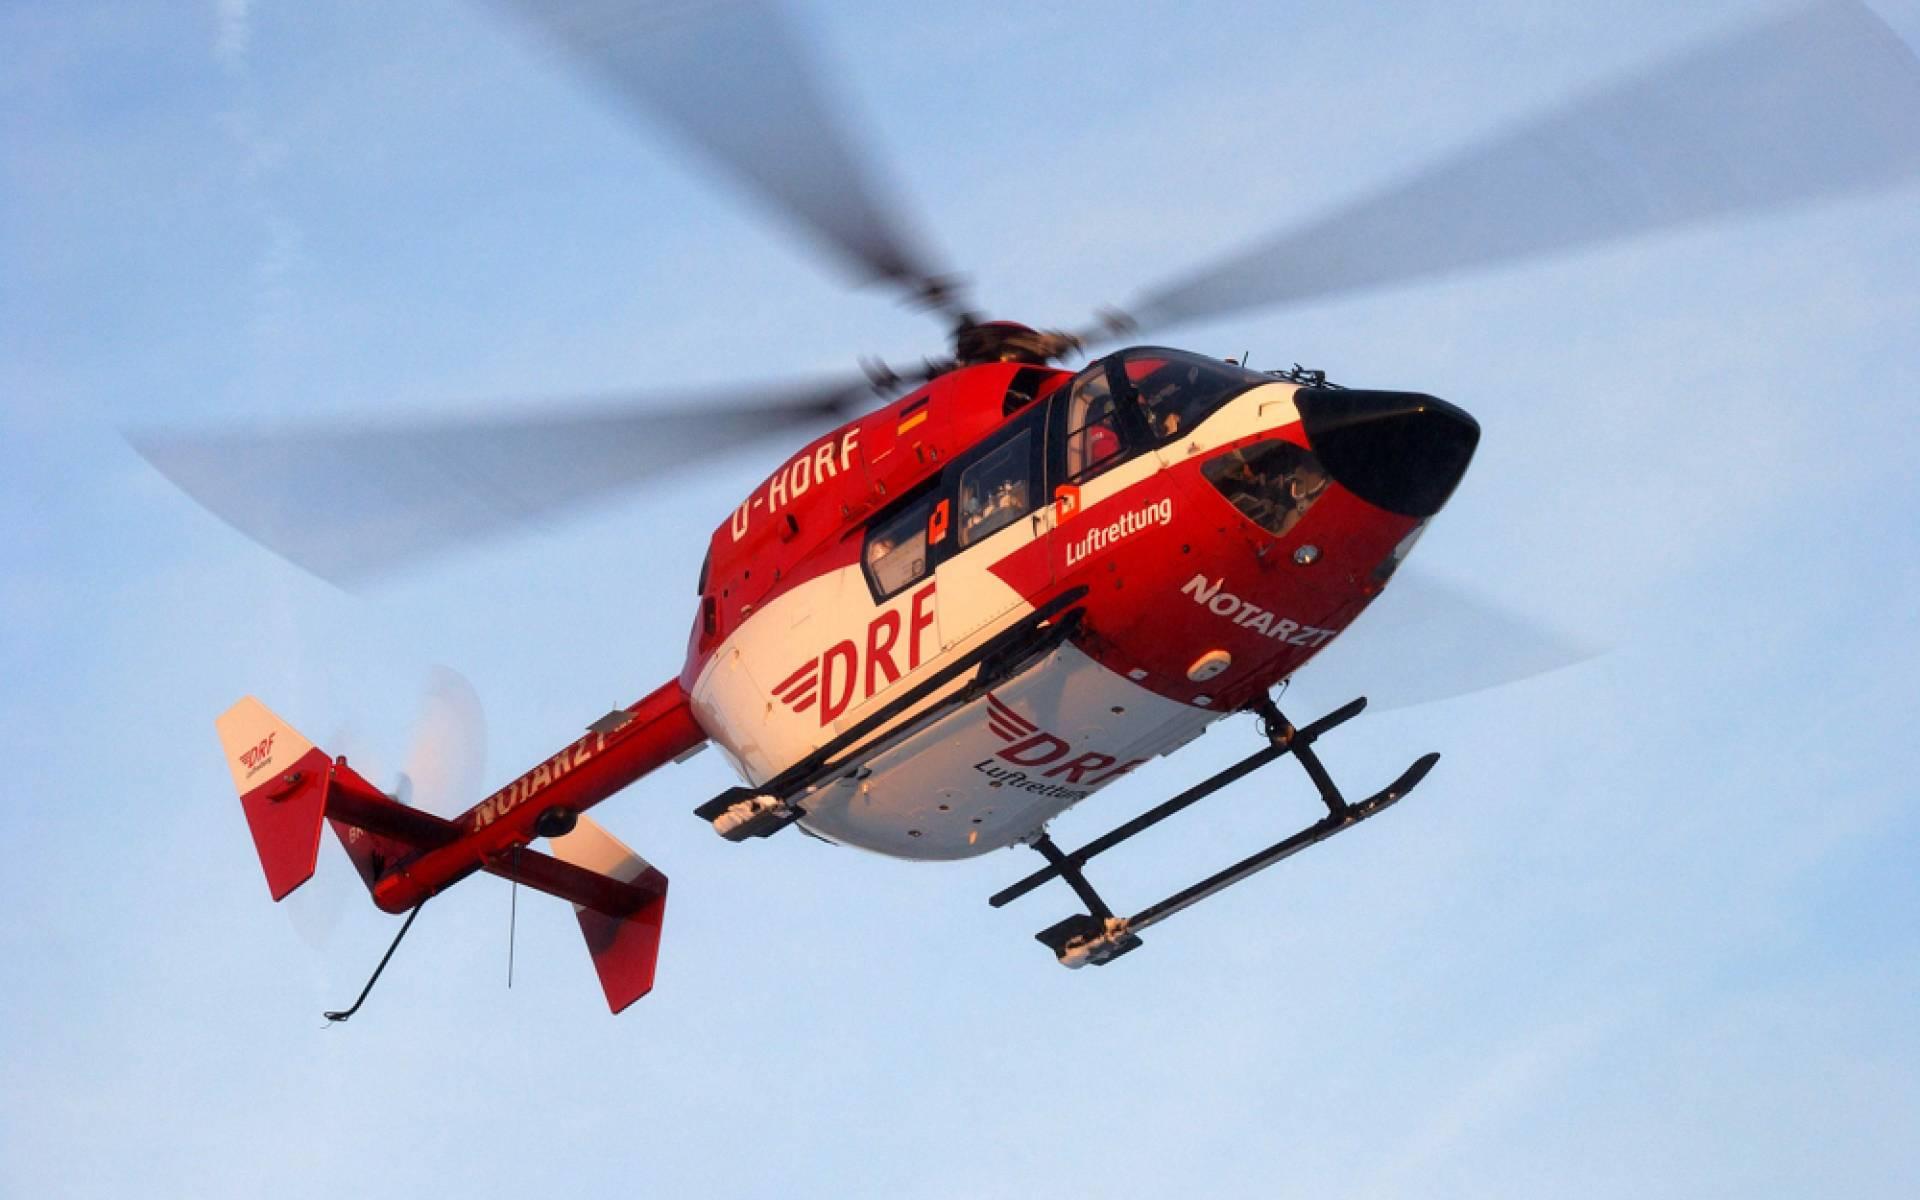 Der Rettungshubschrauber der DRF Luftrettung während des Fluges zum Unfallort. (Symbolbild)